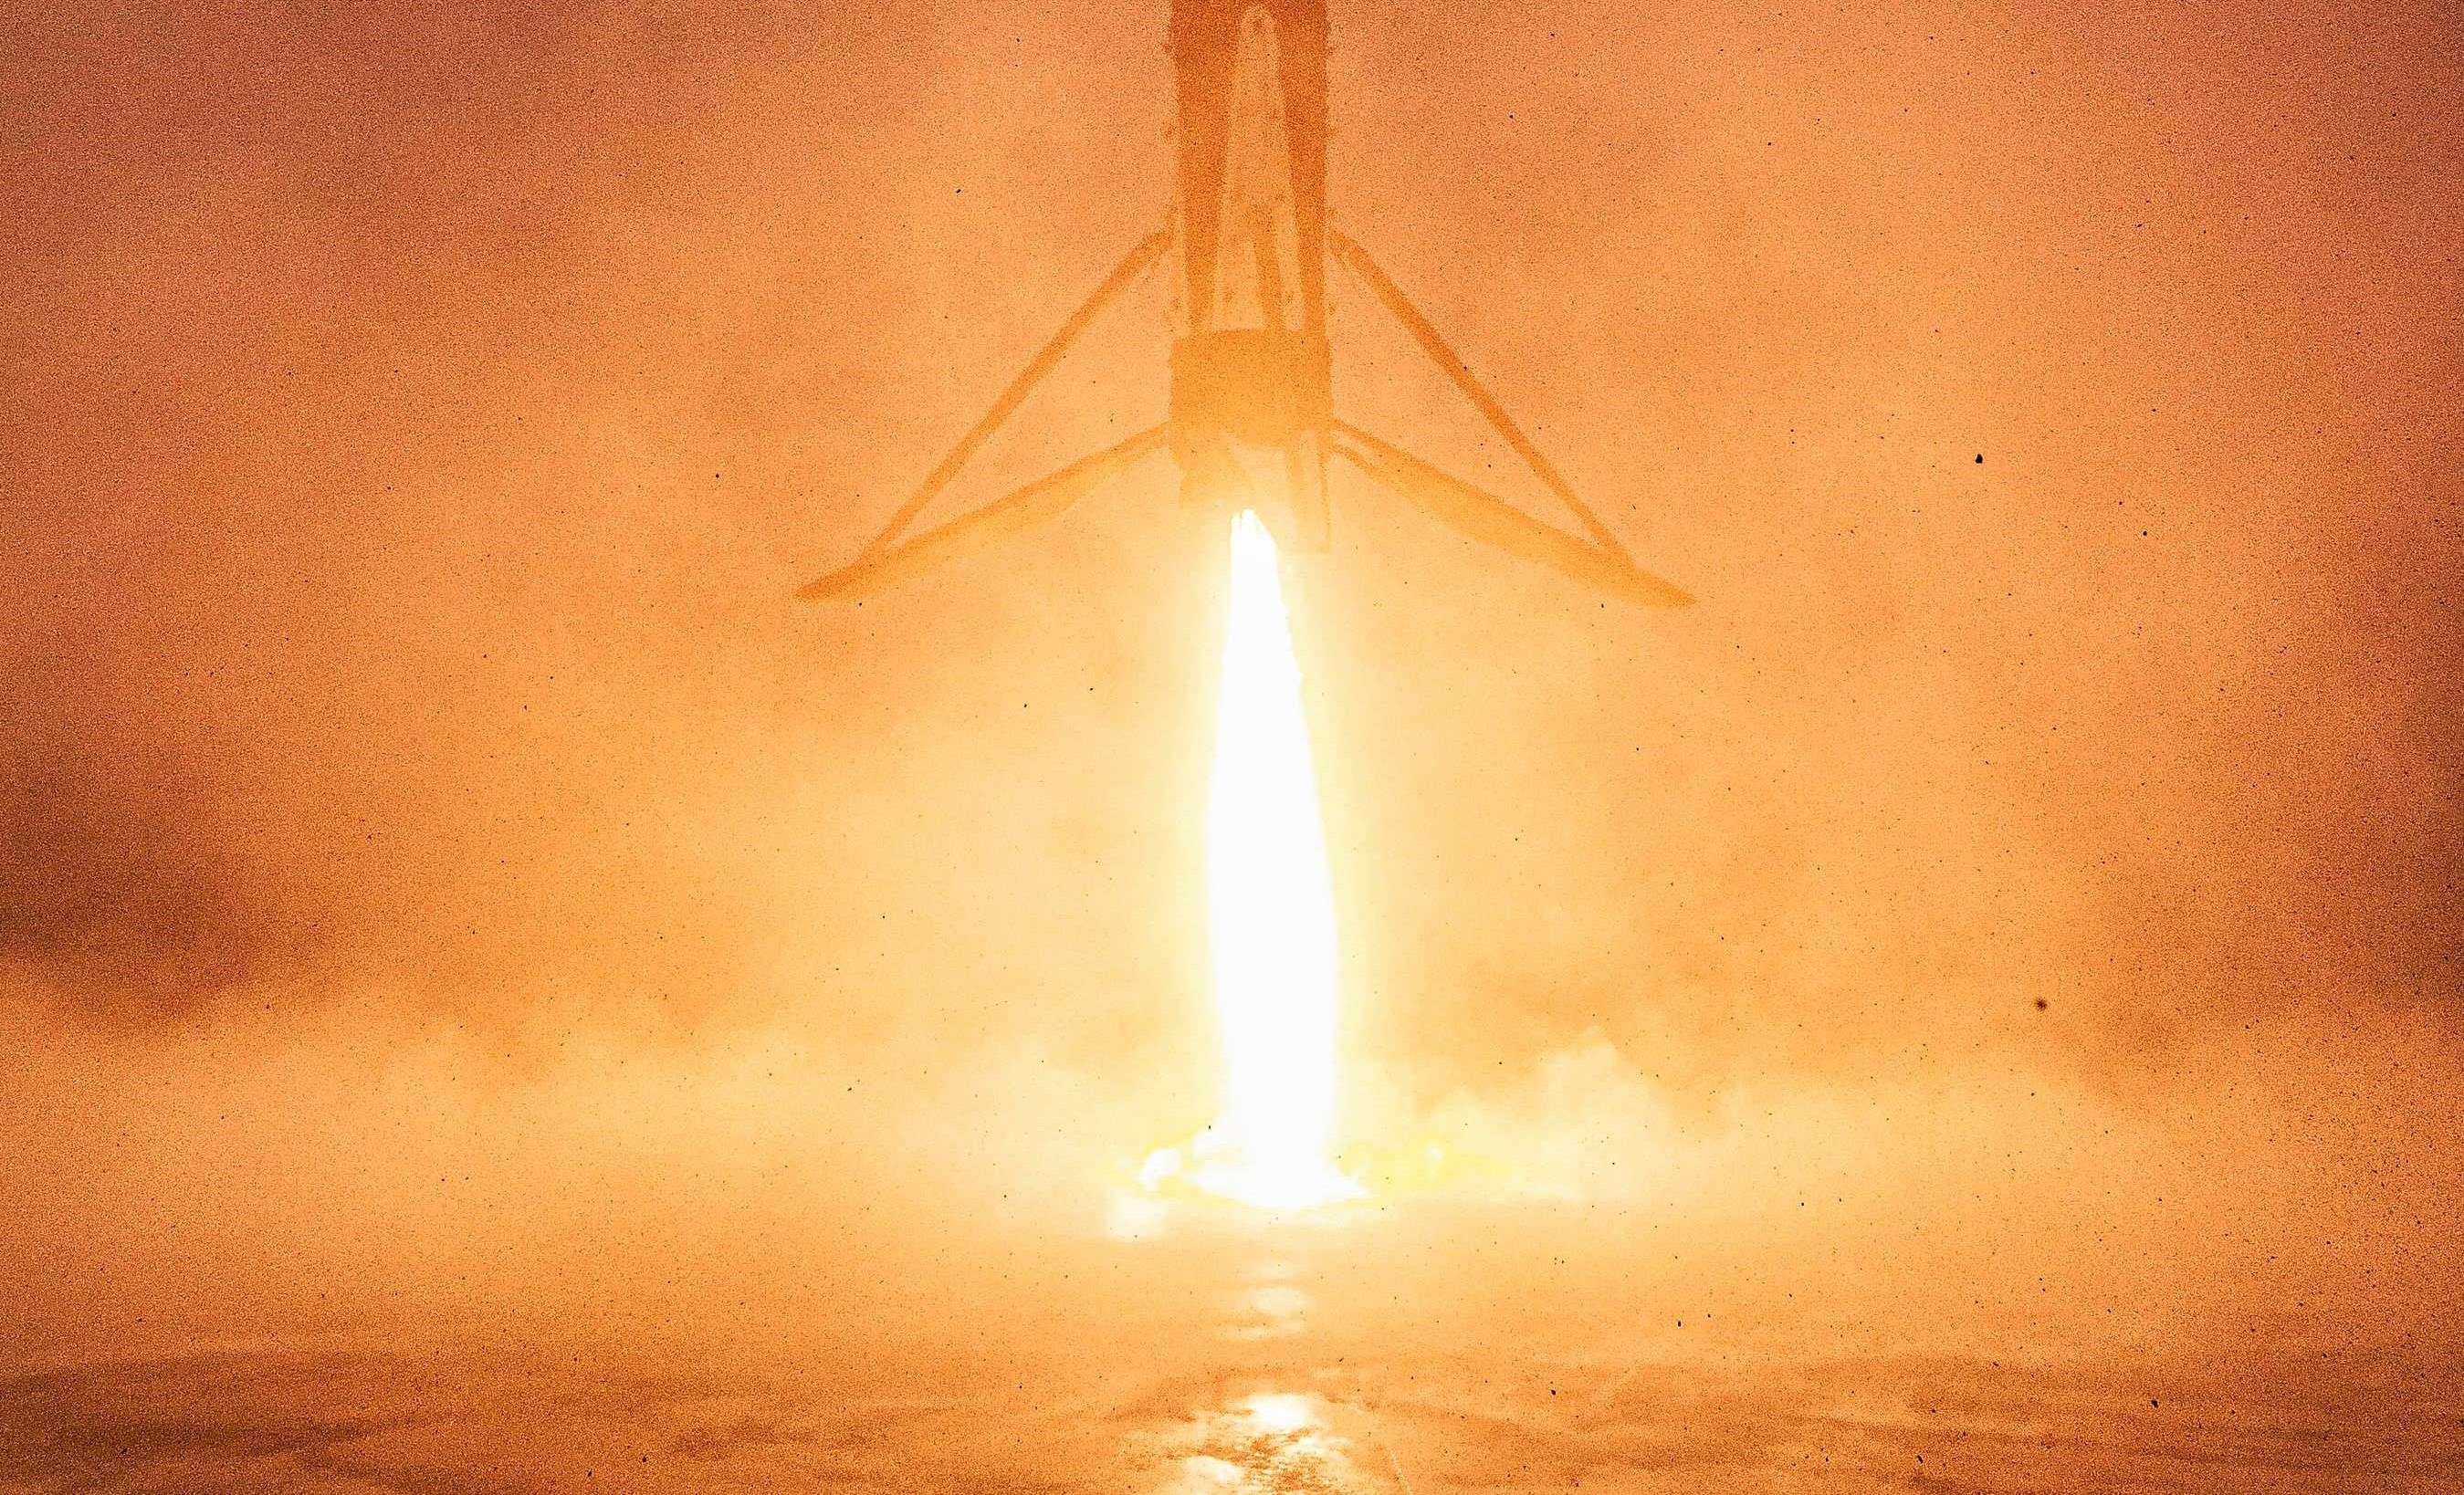 Falcon 9 B1051 RCM landing SLC-4E LZ-4 (SpaceX) 2 crop (c) 2